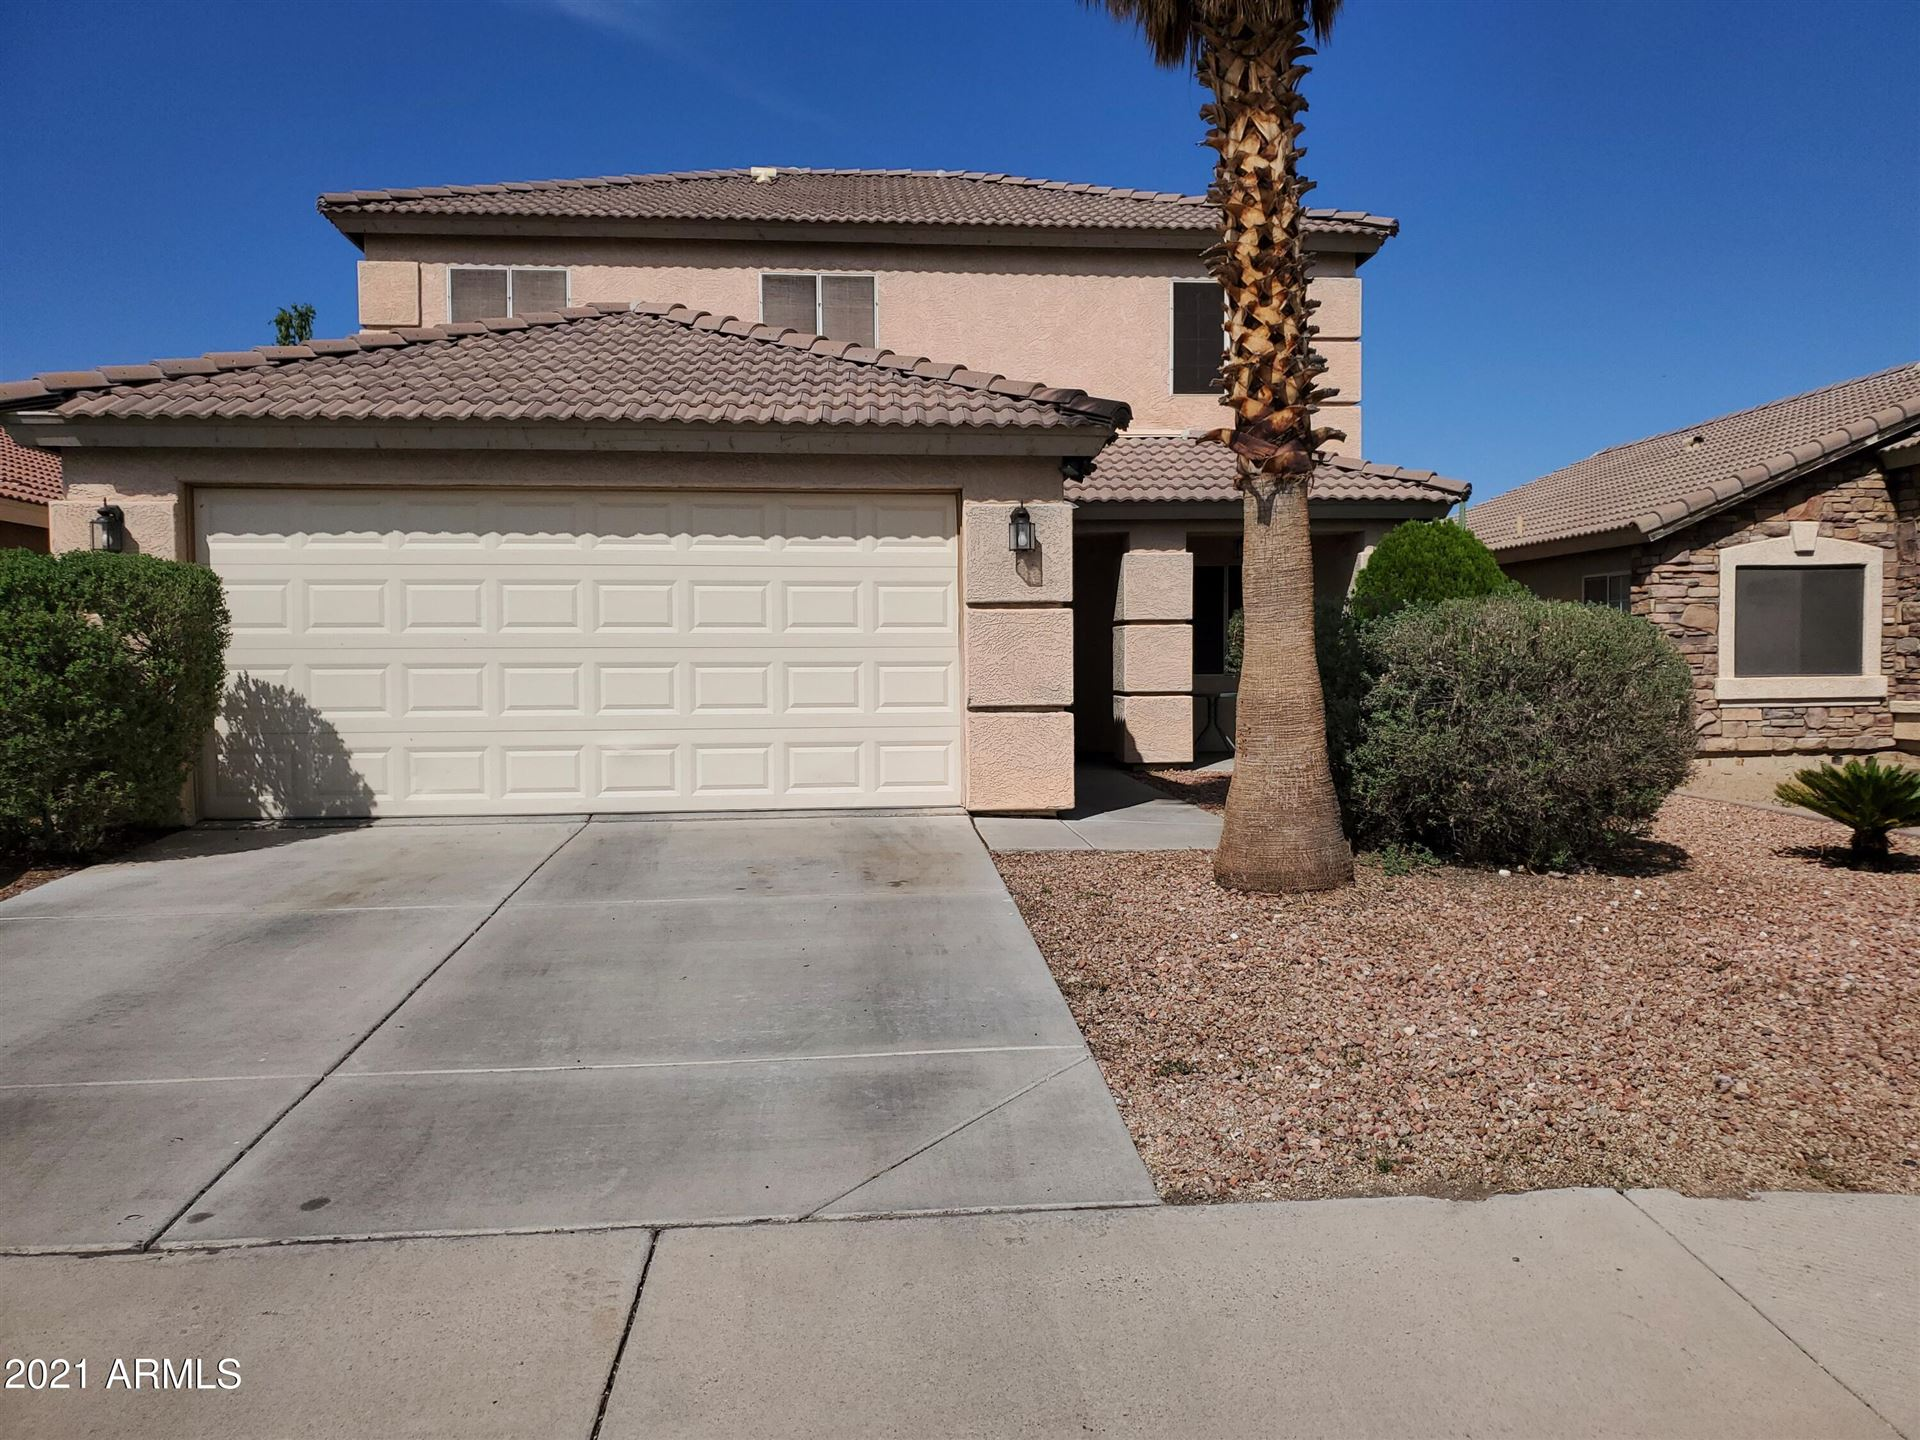 Photo of 12536 W CHARTER OAK Road, El Mirage, AZ 85335 (MLS # 6302375)